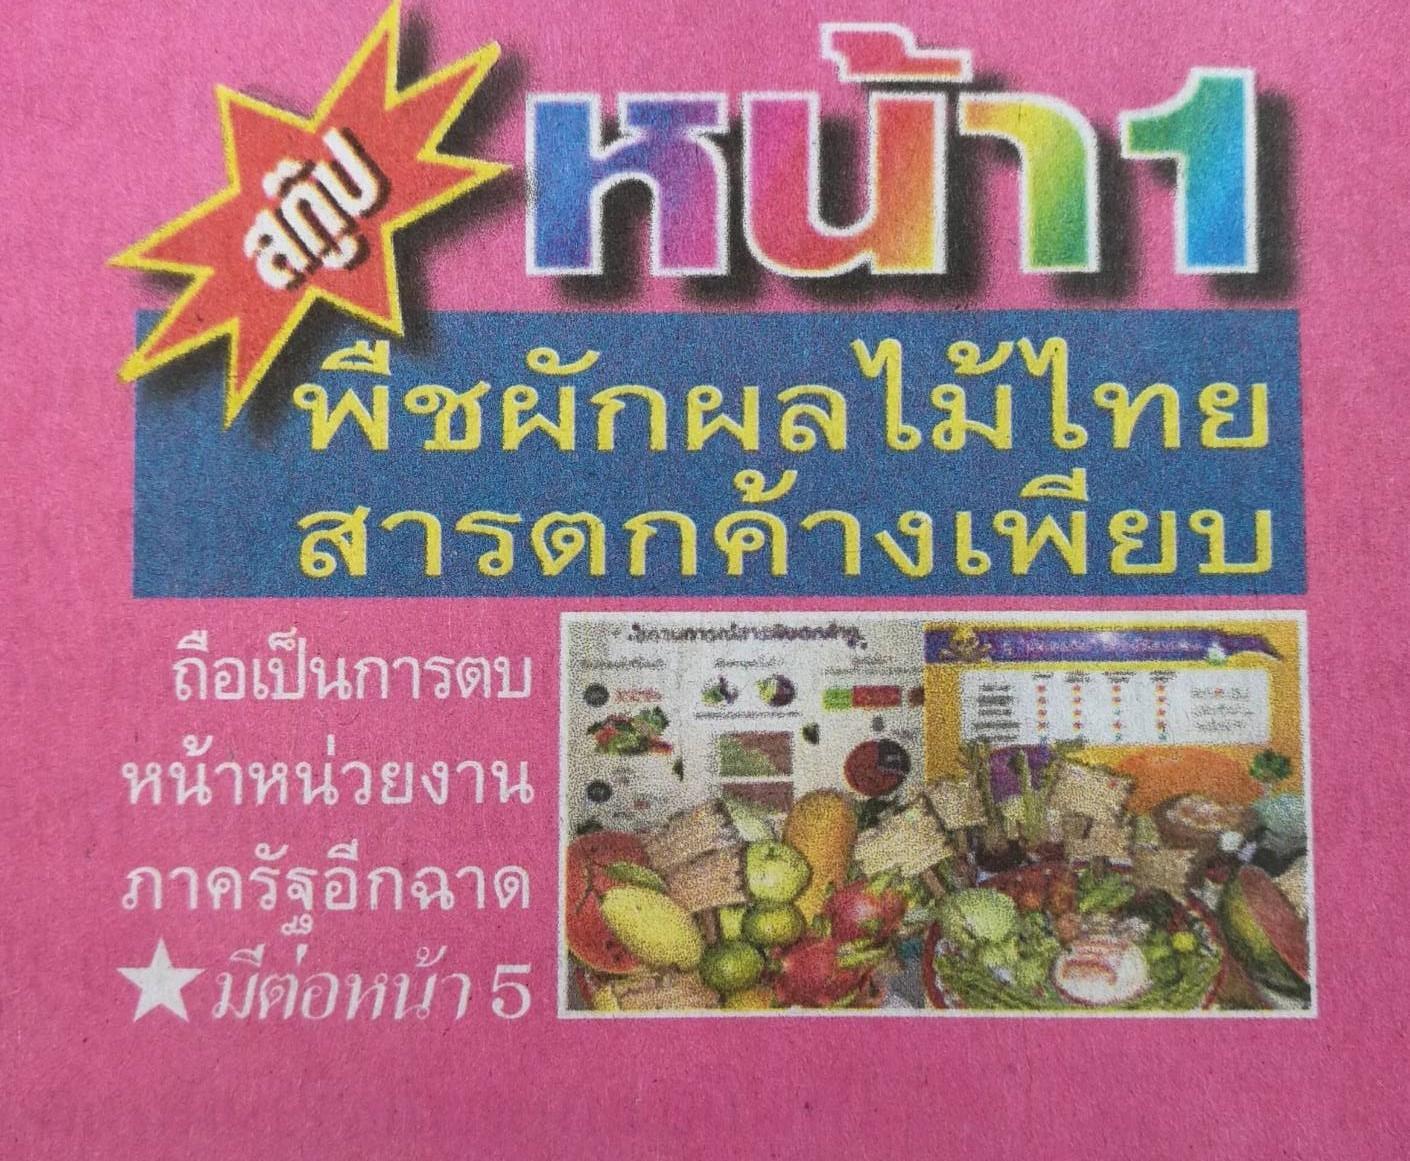 สมุนไพร รักษาโรค รางจืด ล้างสารพิษสะสม Thai Herb